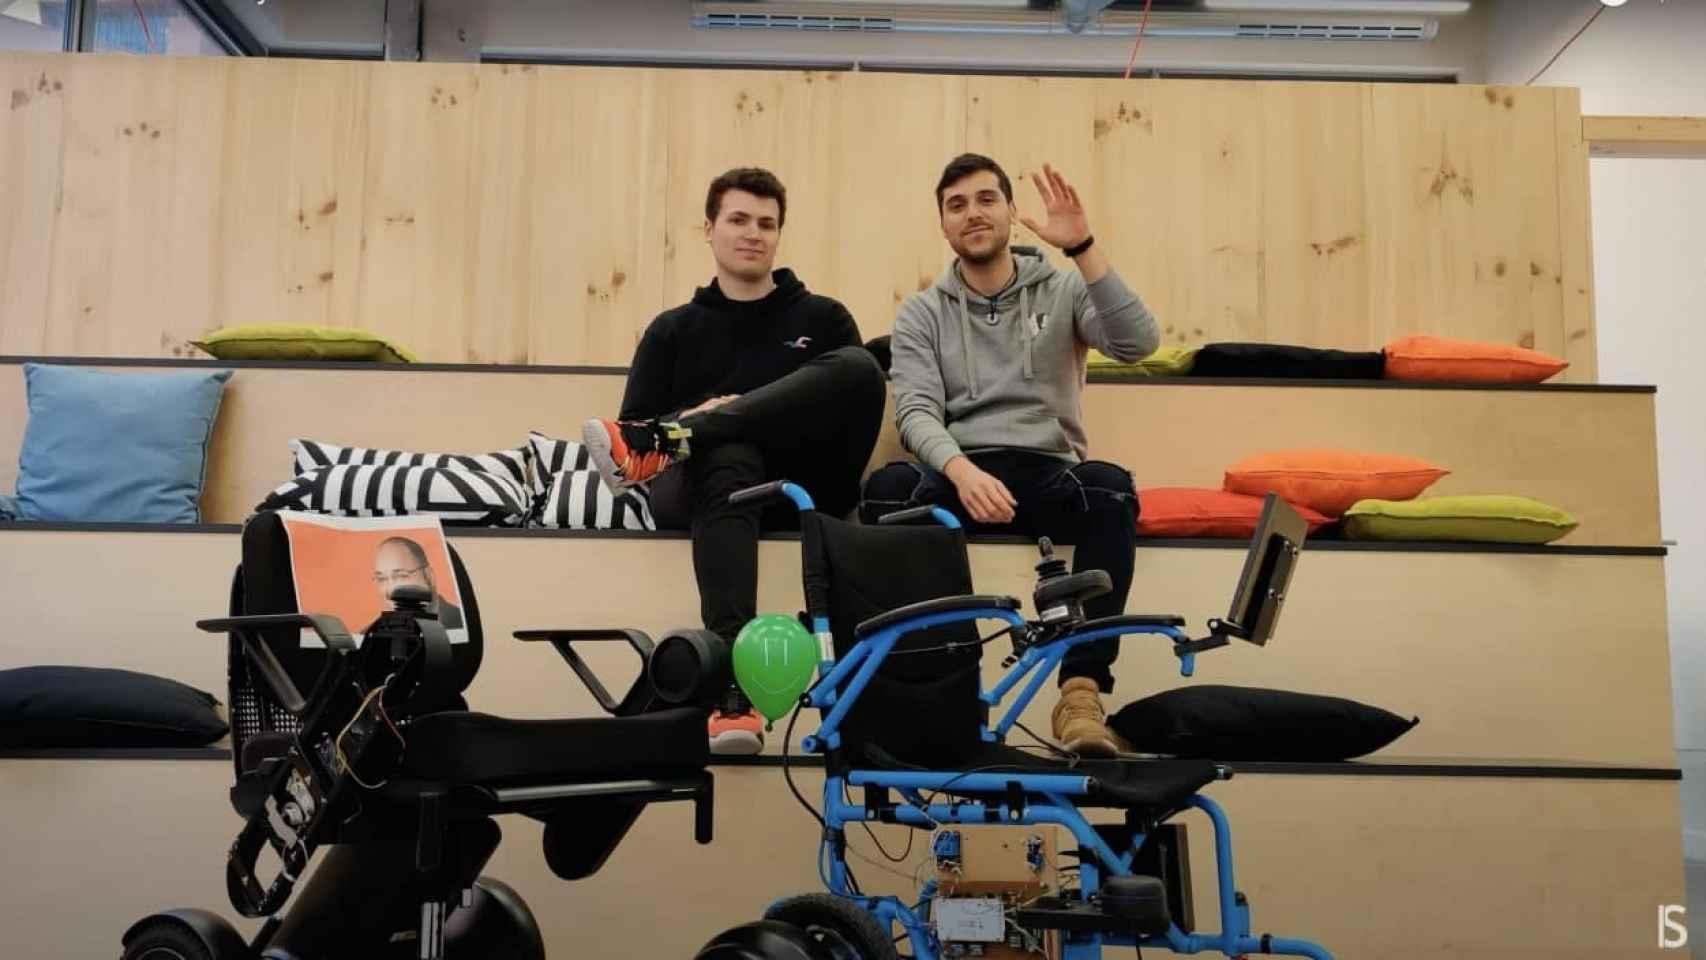 Los dos fundadores de Sideways con los prototipos de su silla de ruedas autónoma.